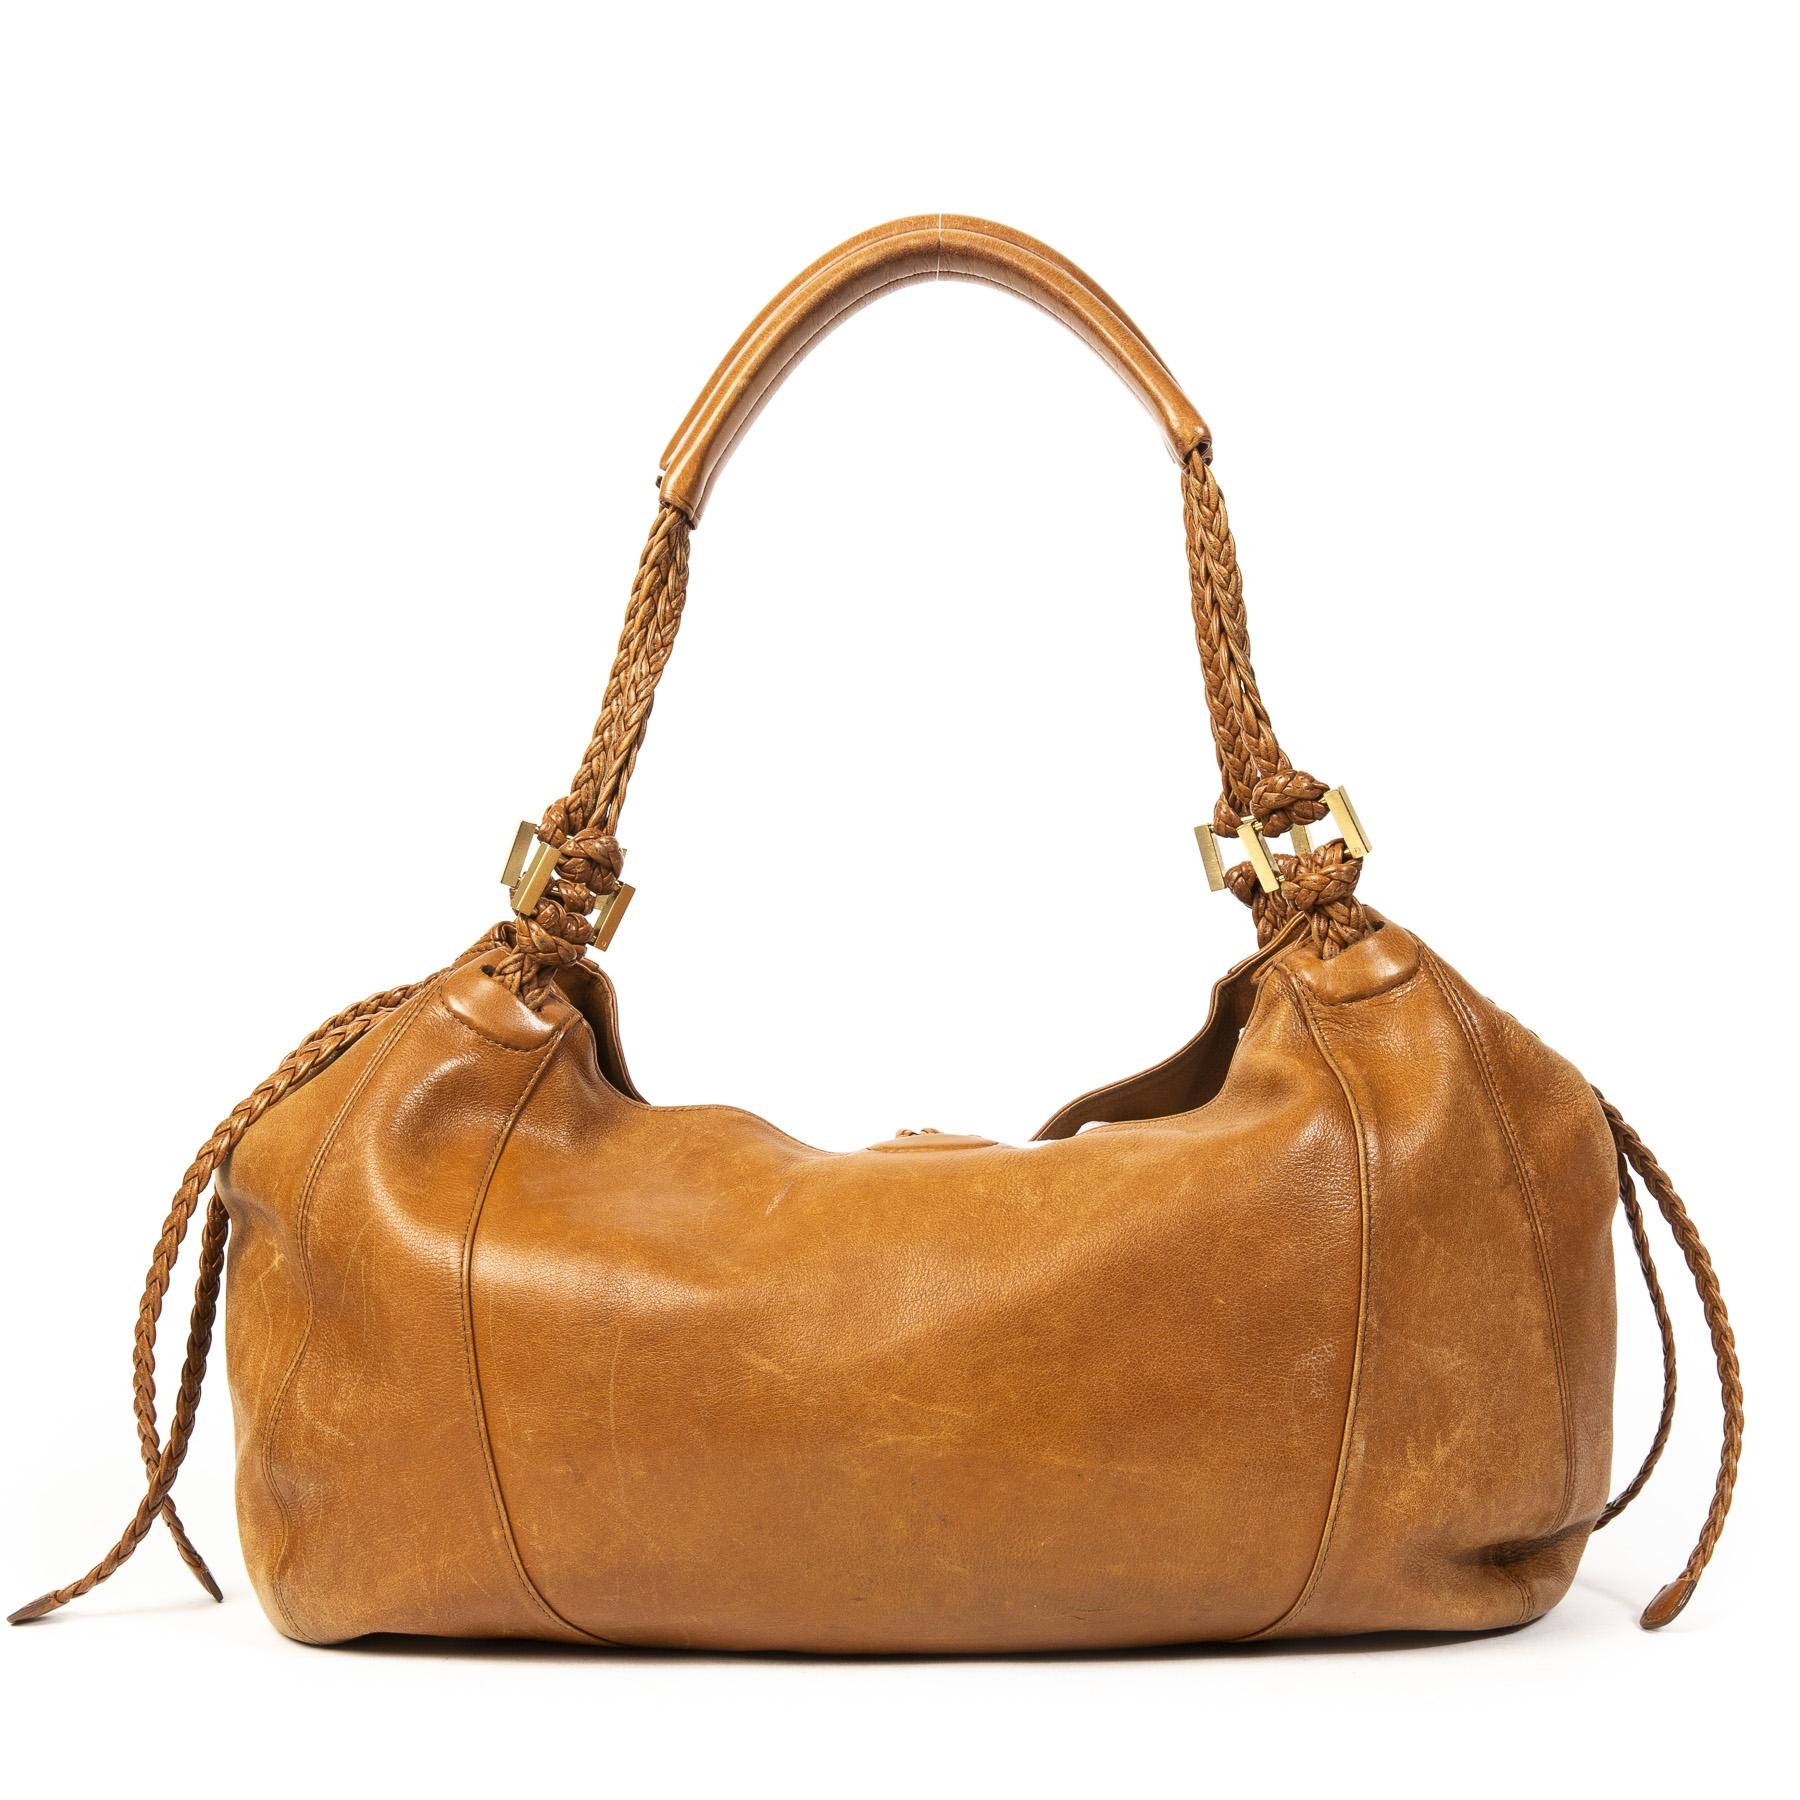 Authentieke tweedehands Delvaux Cognac Collette Leather GM Bag juiste prijs veilig online winkelen LabelLOV webshop luxe merken winkelen Antwerpen België mode fashion